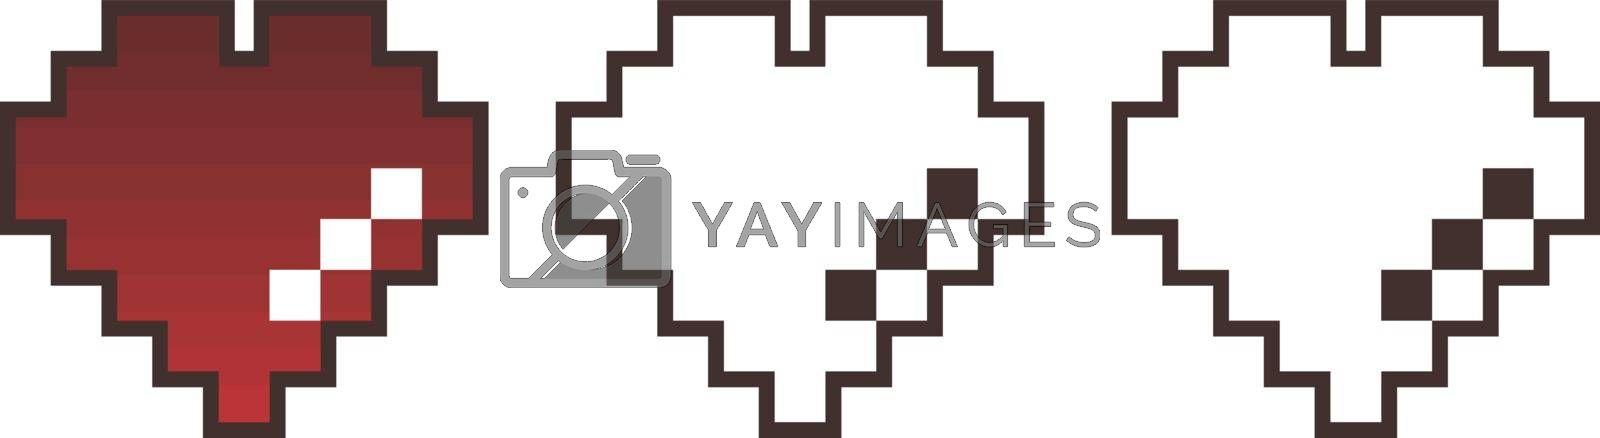 valentines day pixel art vector